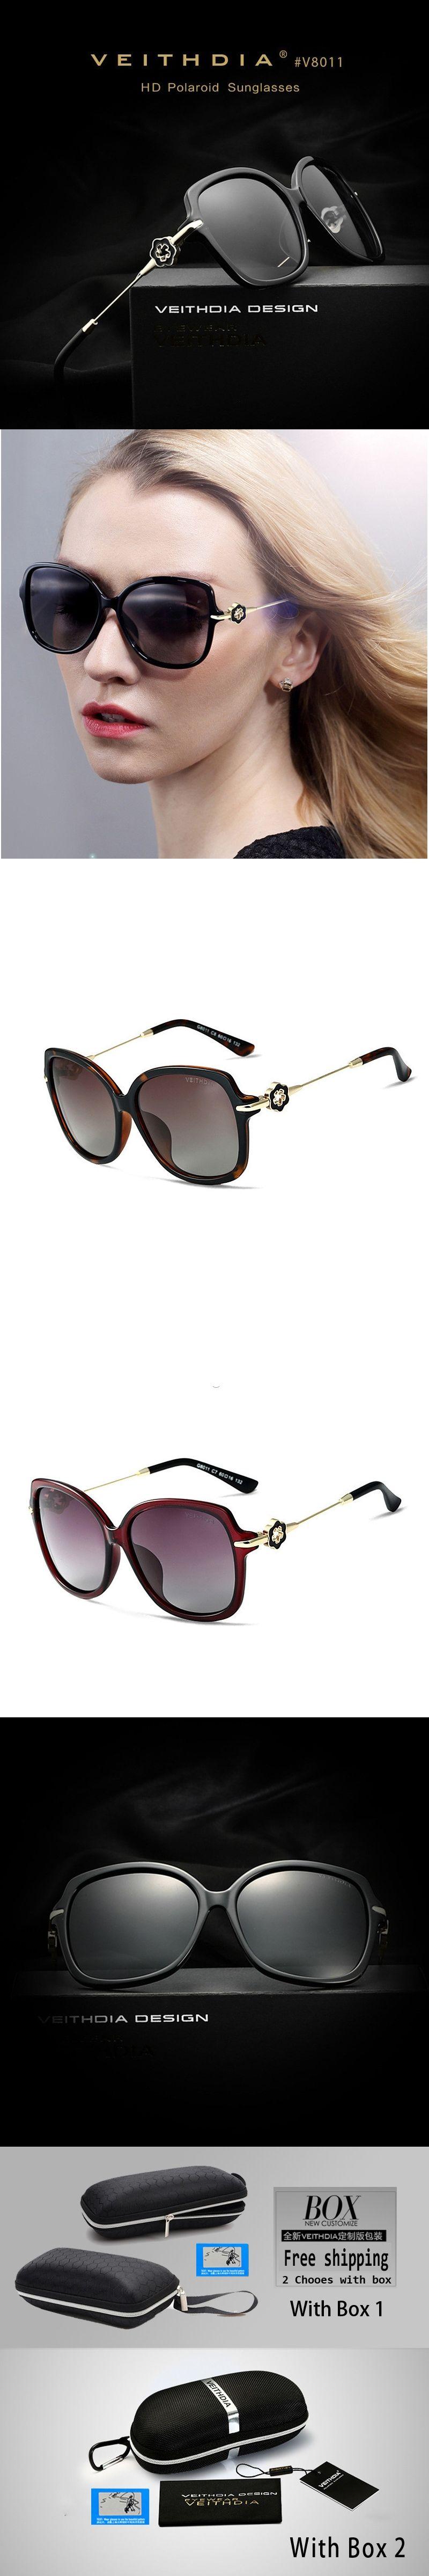 ba73d28d41 VEITHDIA TR90 Women s Driving Sun glasses Polarized Mirror Lens Luxury Ladies  Designer Sunglasses Eyewear For Women